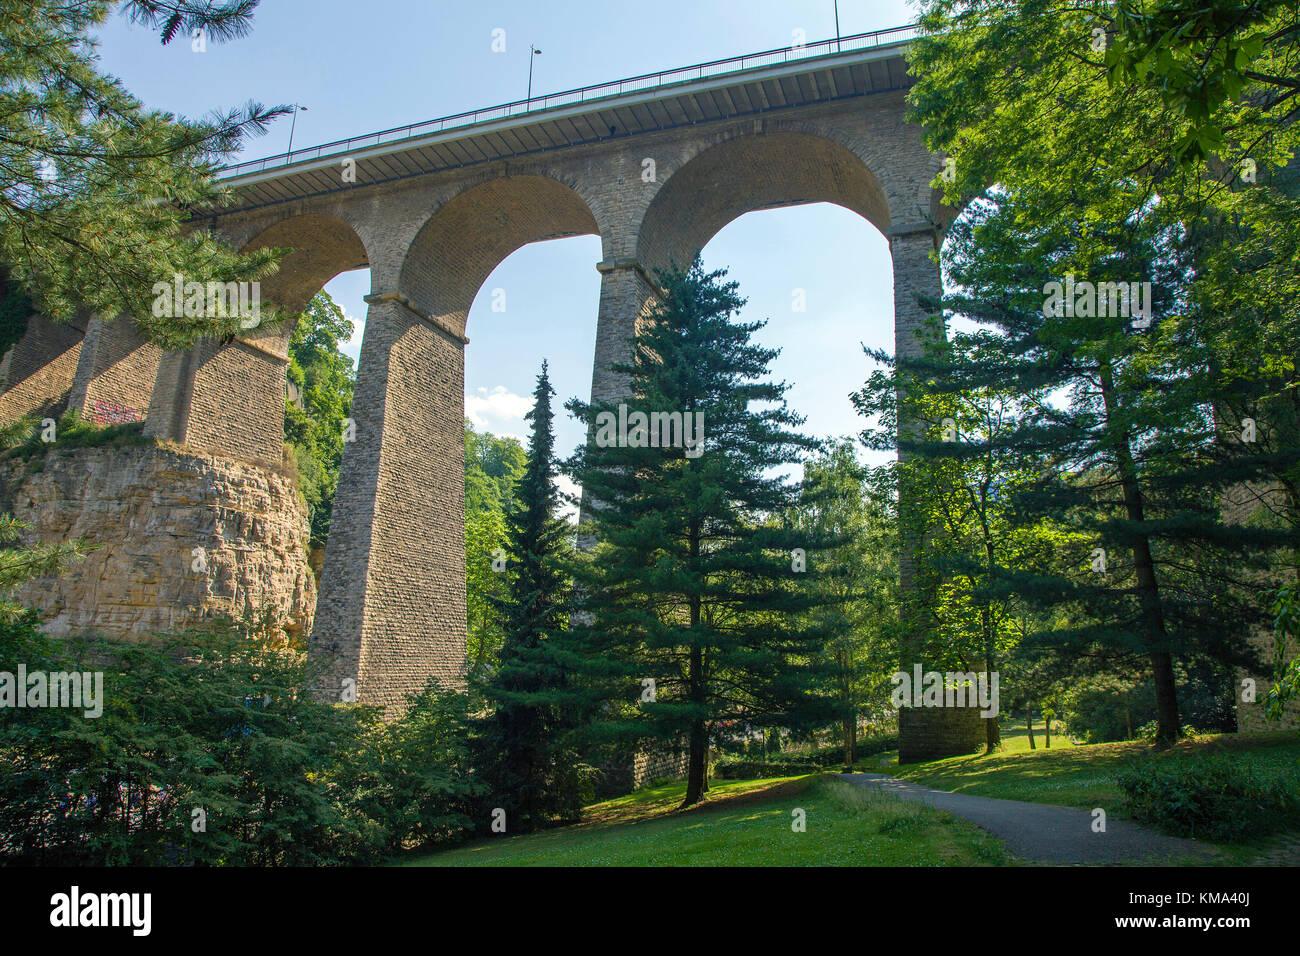 Viadukt, auch Passerelle oder alte Brücke, der Stadt Luxemburg, Luxemburg bekannt, Europa Stockbild